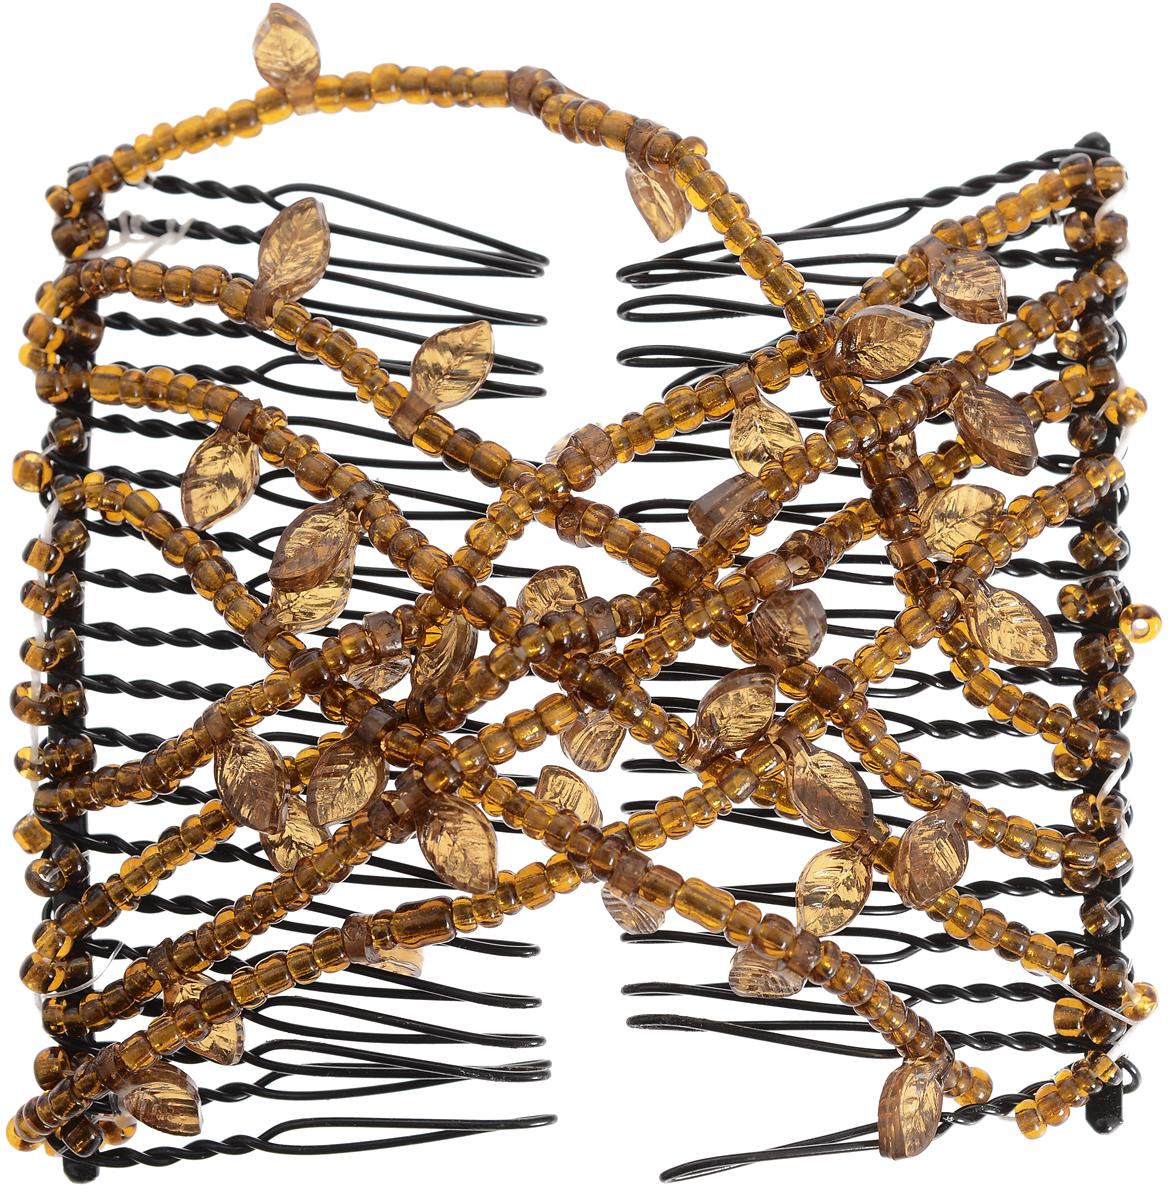 EZ-Combs Заколка Изи-Комбс, одинарная, цвет: коричневый. ЗИО_листок ez combs заколка изи комбс одинарная цвет коричневый зио сердечки